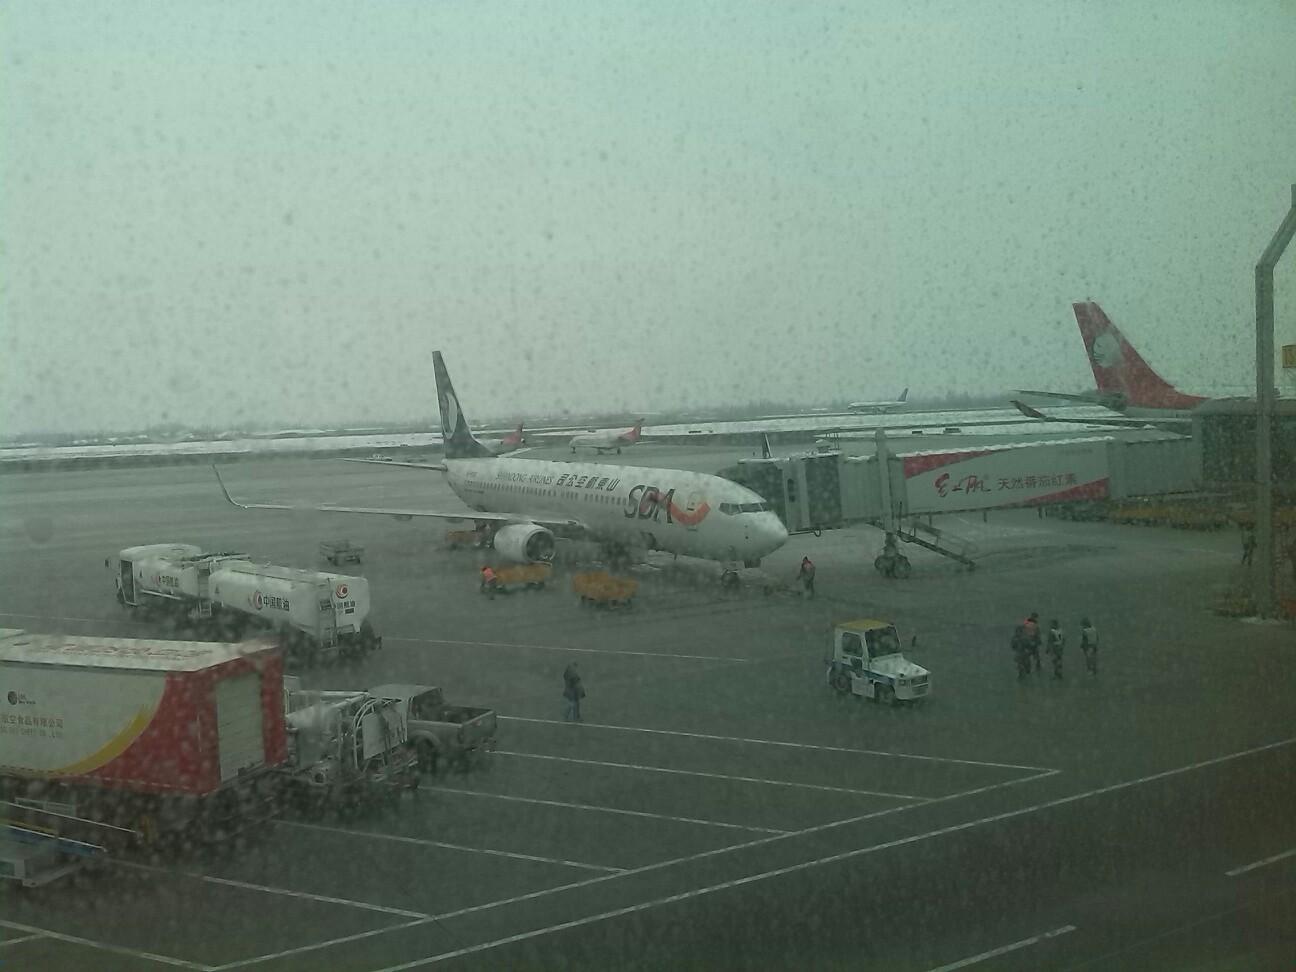 乌鲁木齐国际机场